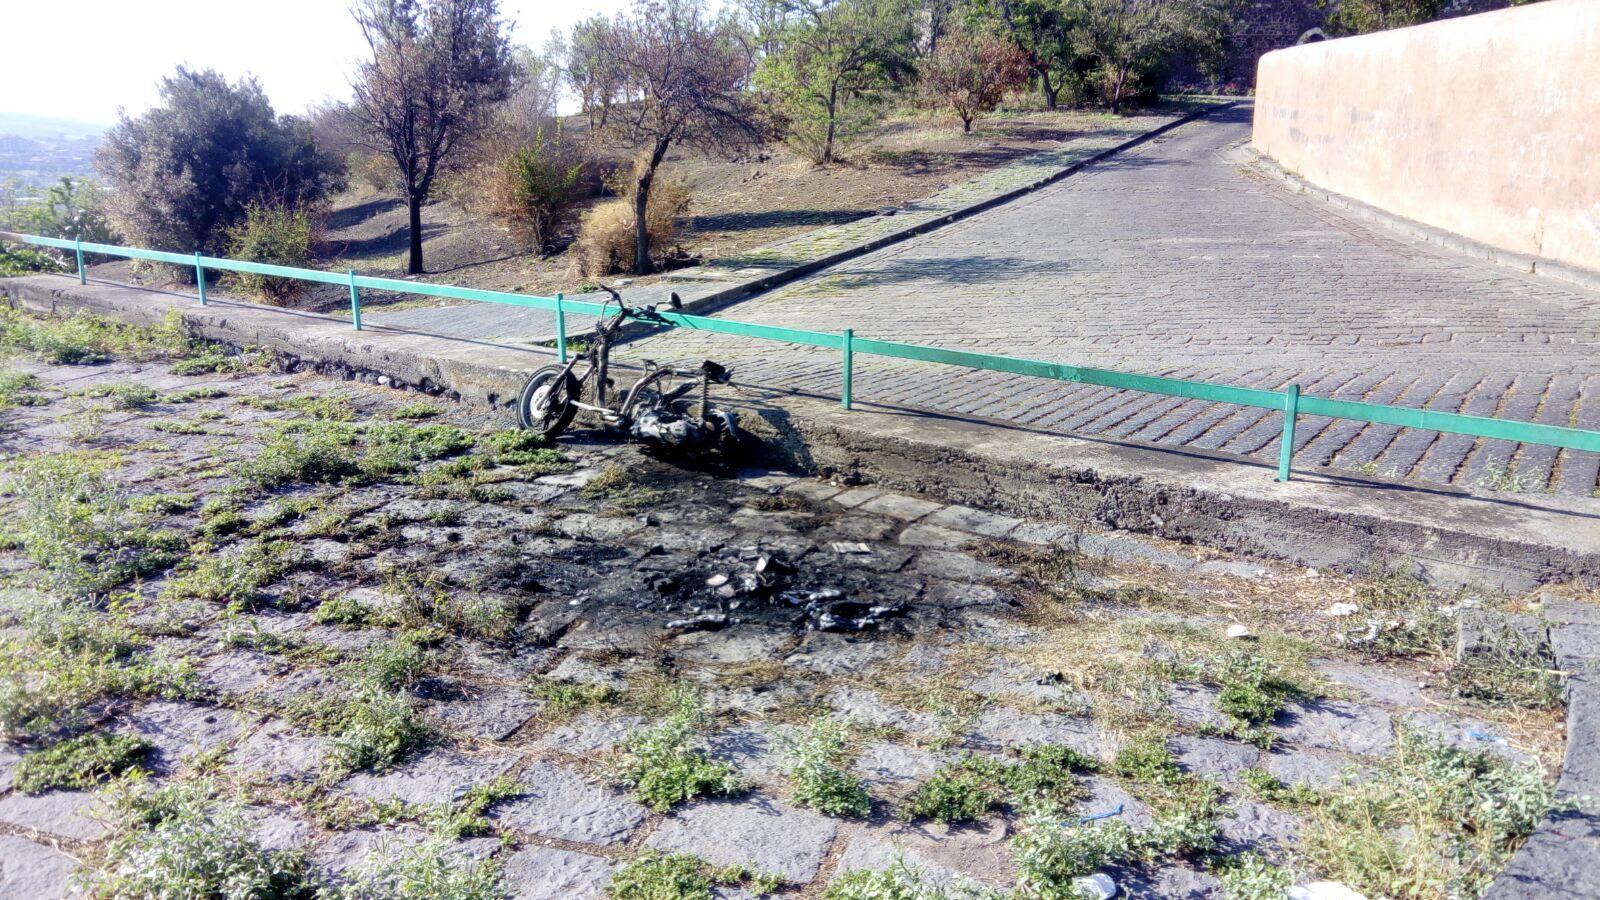 Scooter incendiato sulla Collina storica